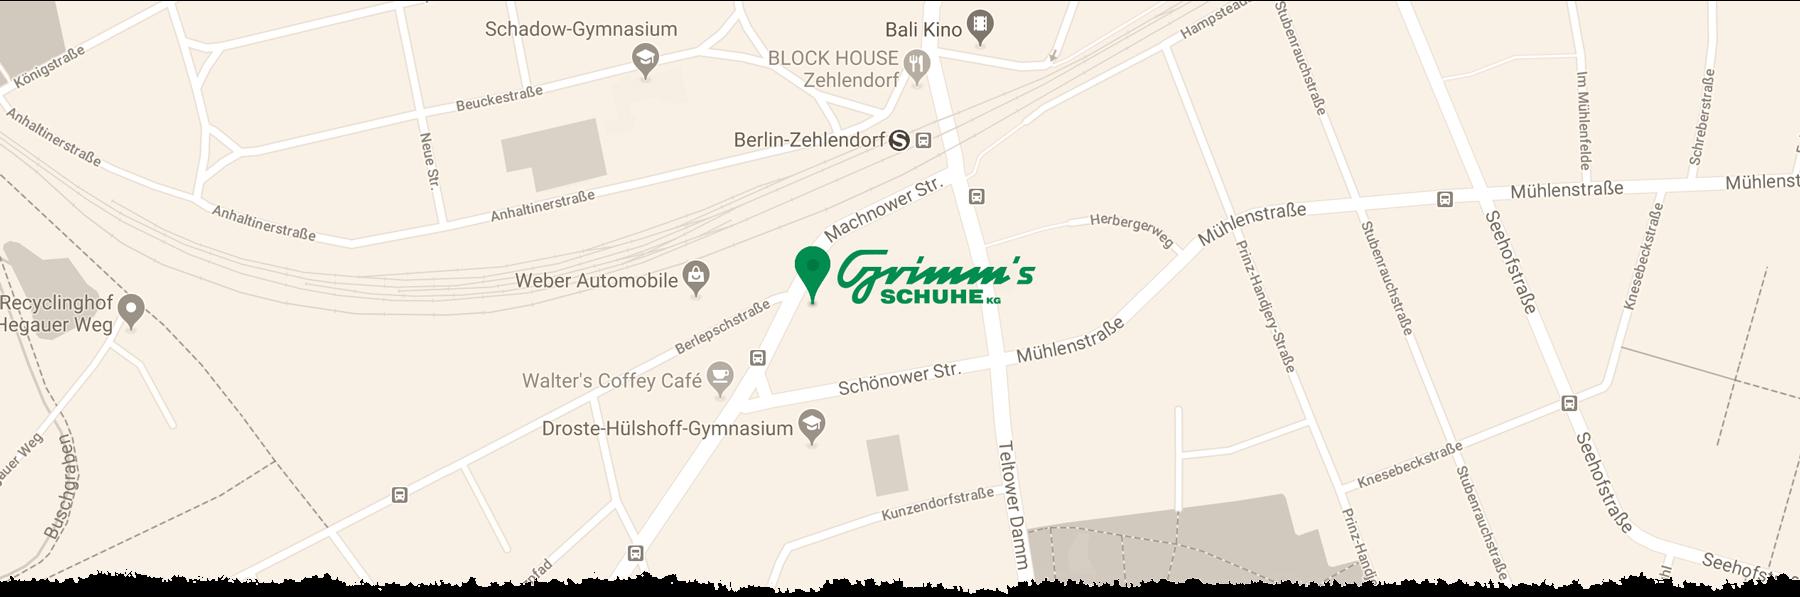 Grimms Schuhe Berlin Standort